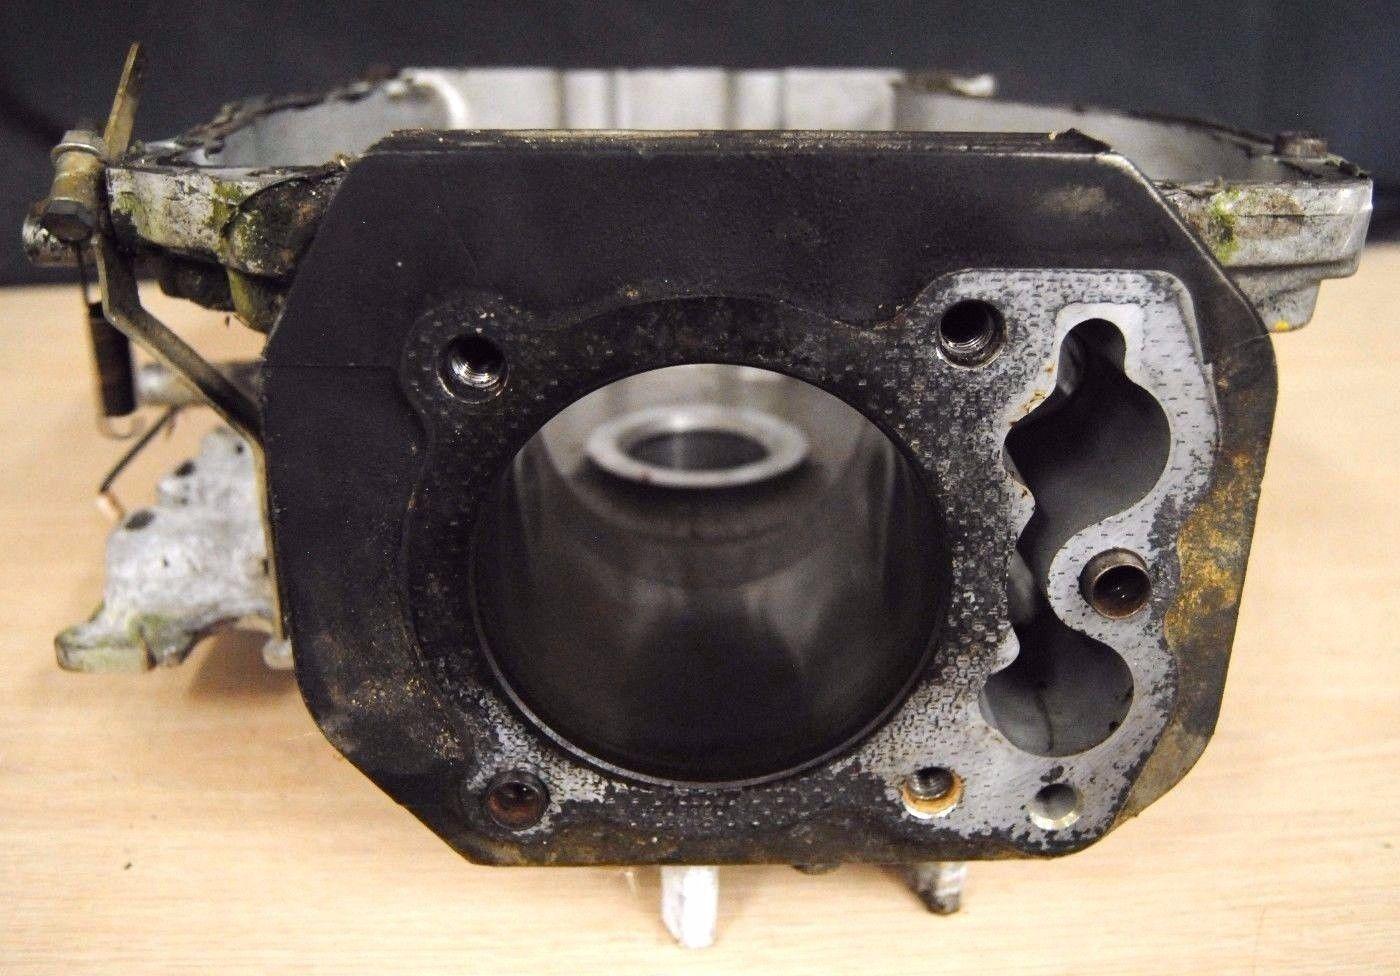 Kohler Engines CV13-21509 Crankcase (5bg4jc) image 3